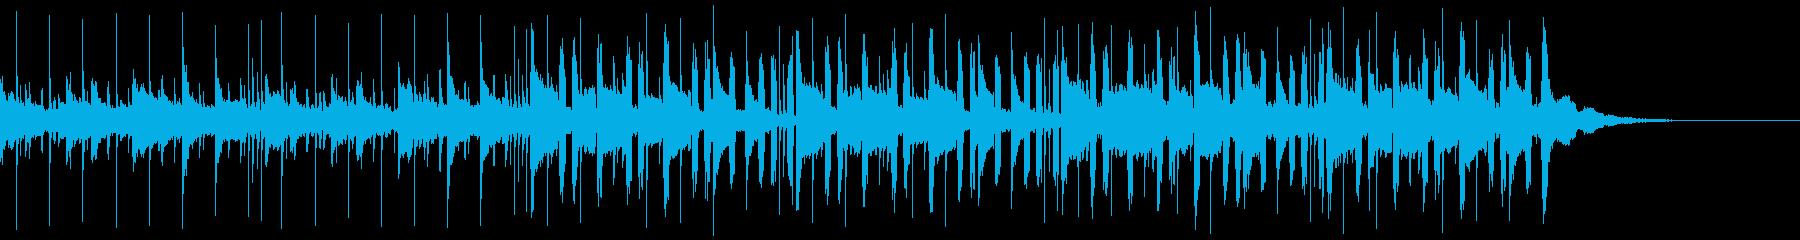 Pf「錯乱」和風現代ジャズの再生済みの波形